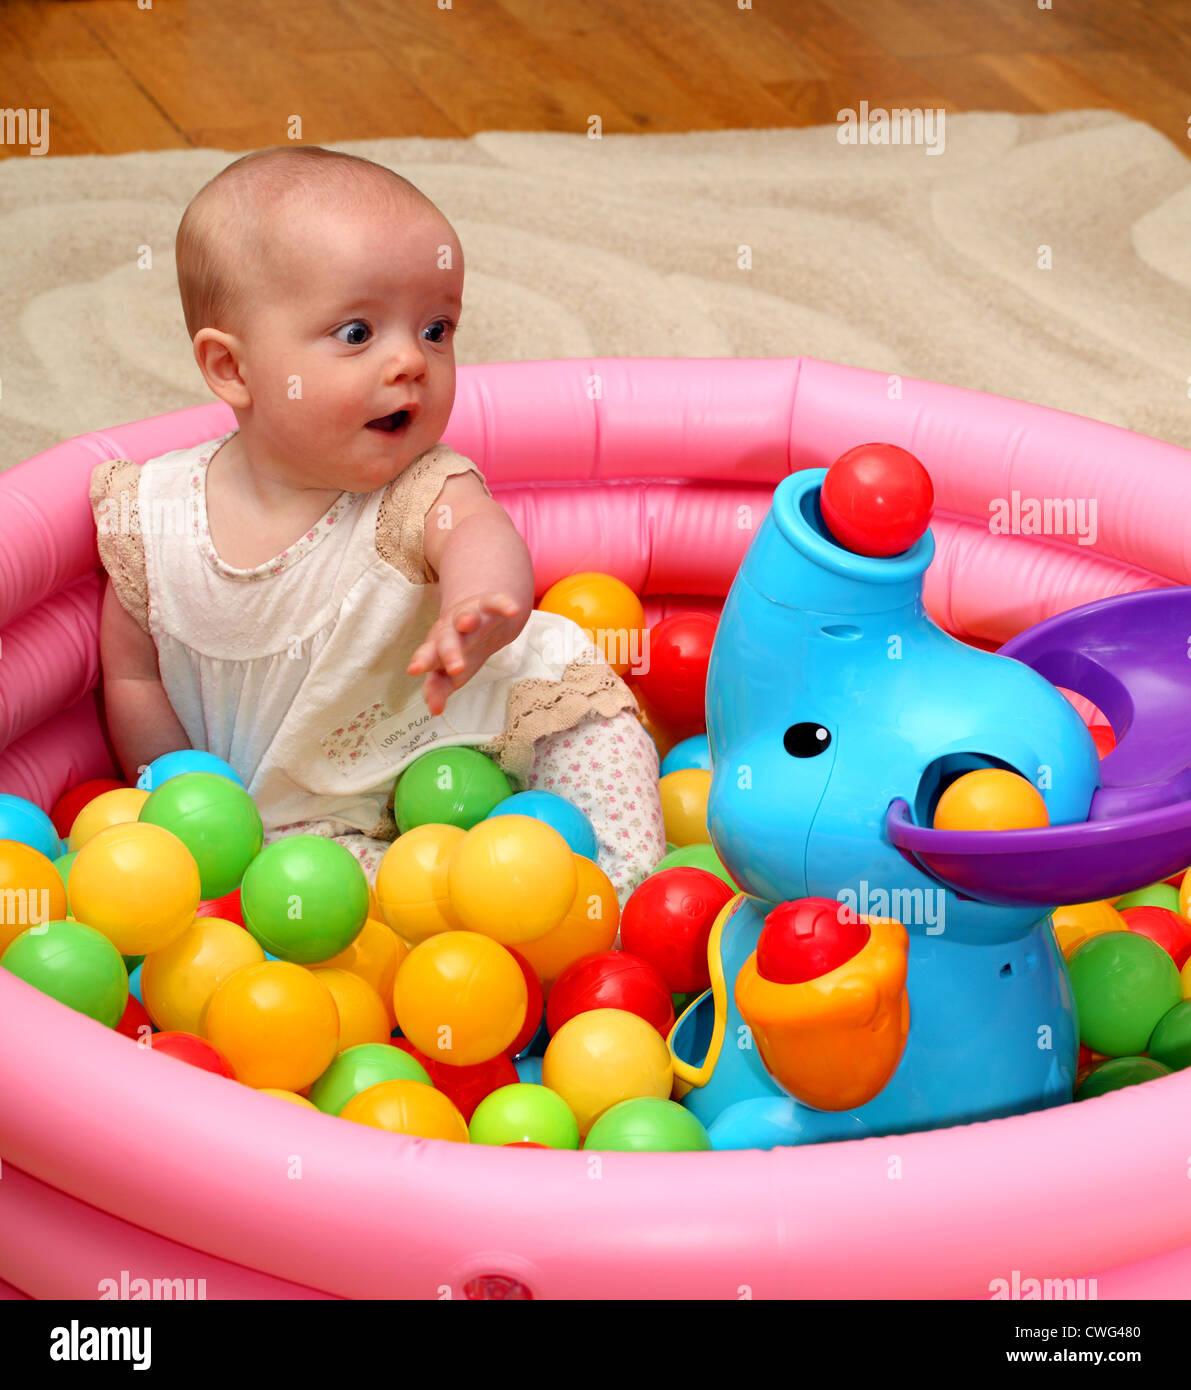 Toys For 9 Month Girl : Leapfrog shapes and sharing picnic basket medmind